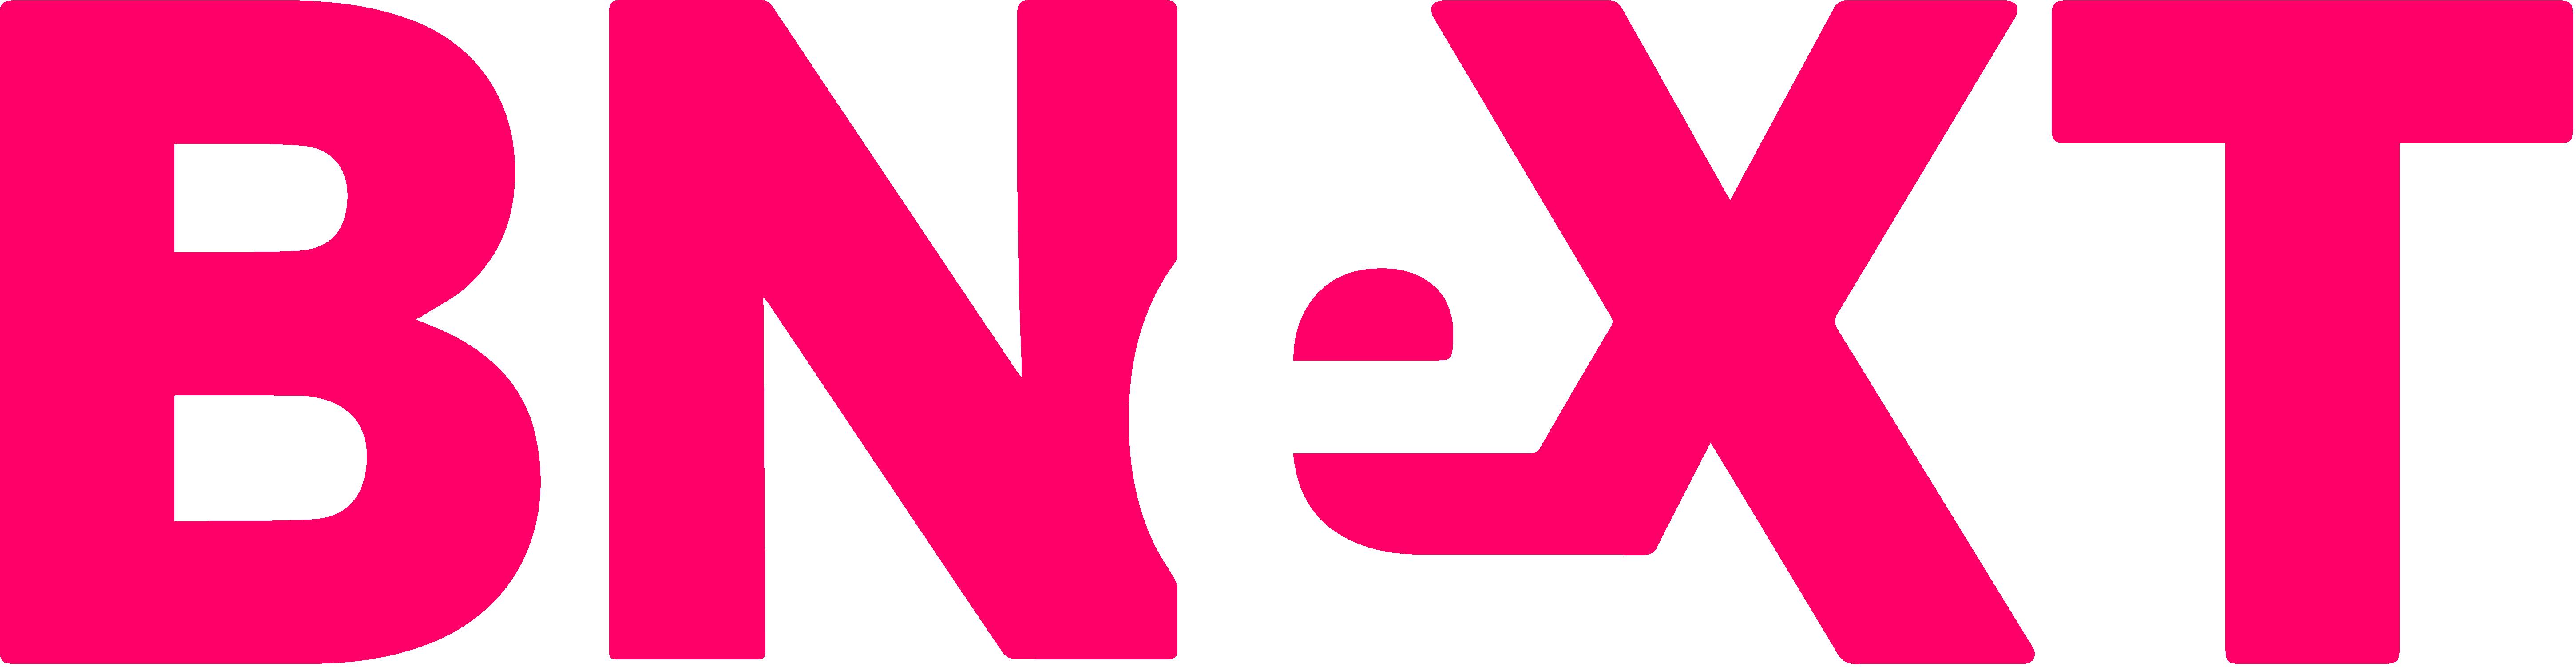 Bnext: Tarjeta, opiniones y análisis